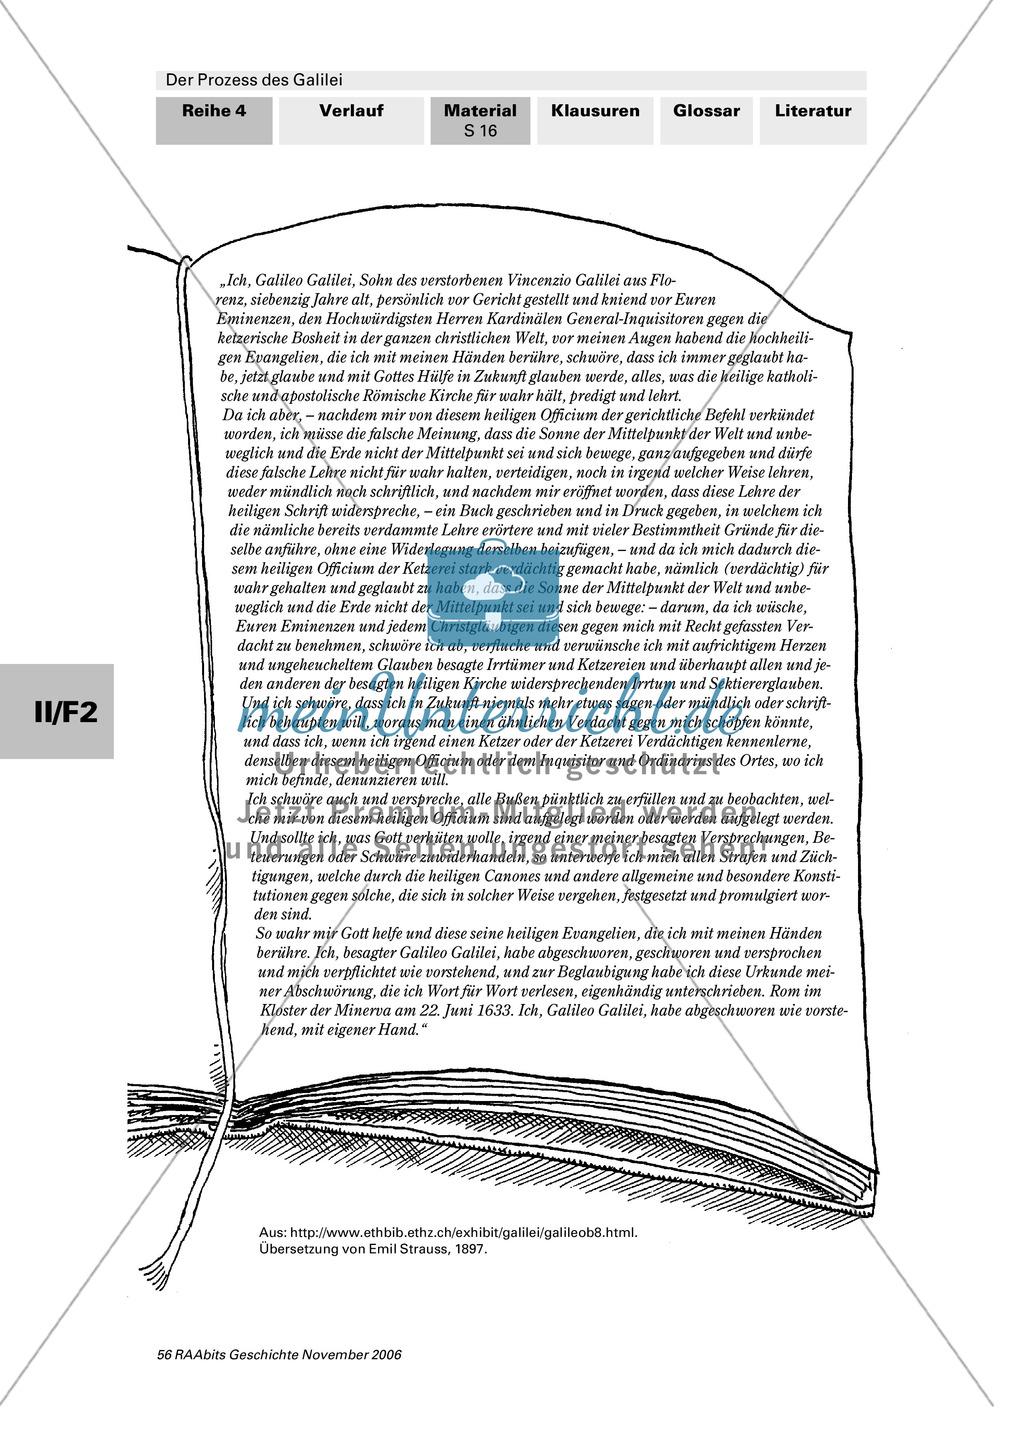 Der Prozess des Galilei: Inquisition als rückwärtsgewandte Institution? Chronologie und Frage nach Fairness des Prozesses Preview 6